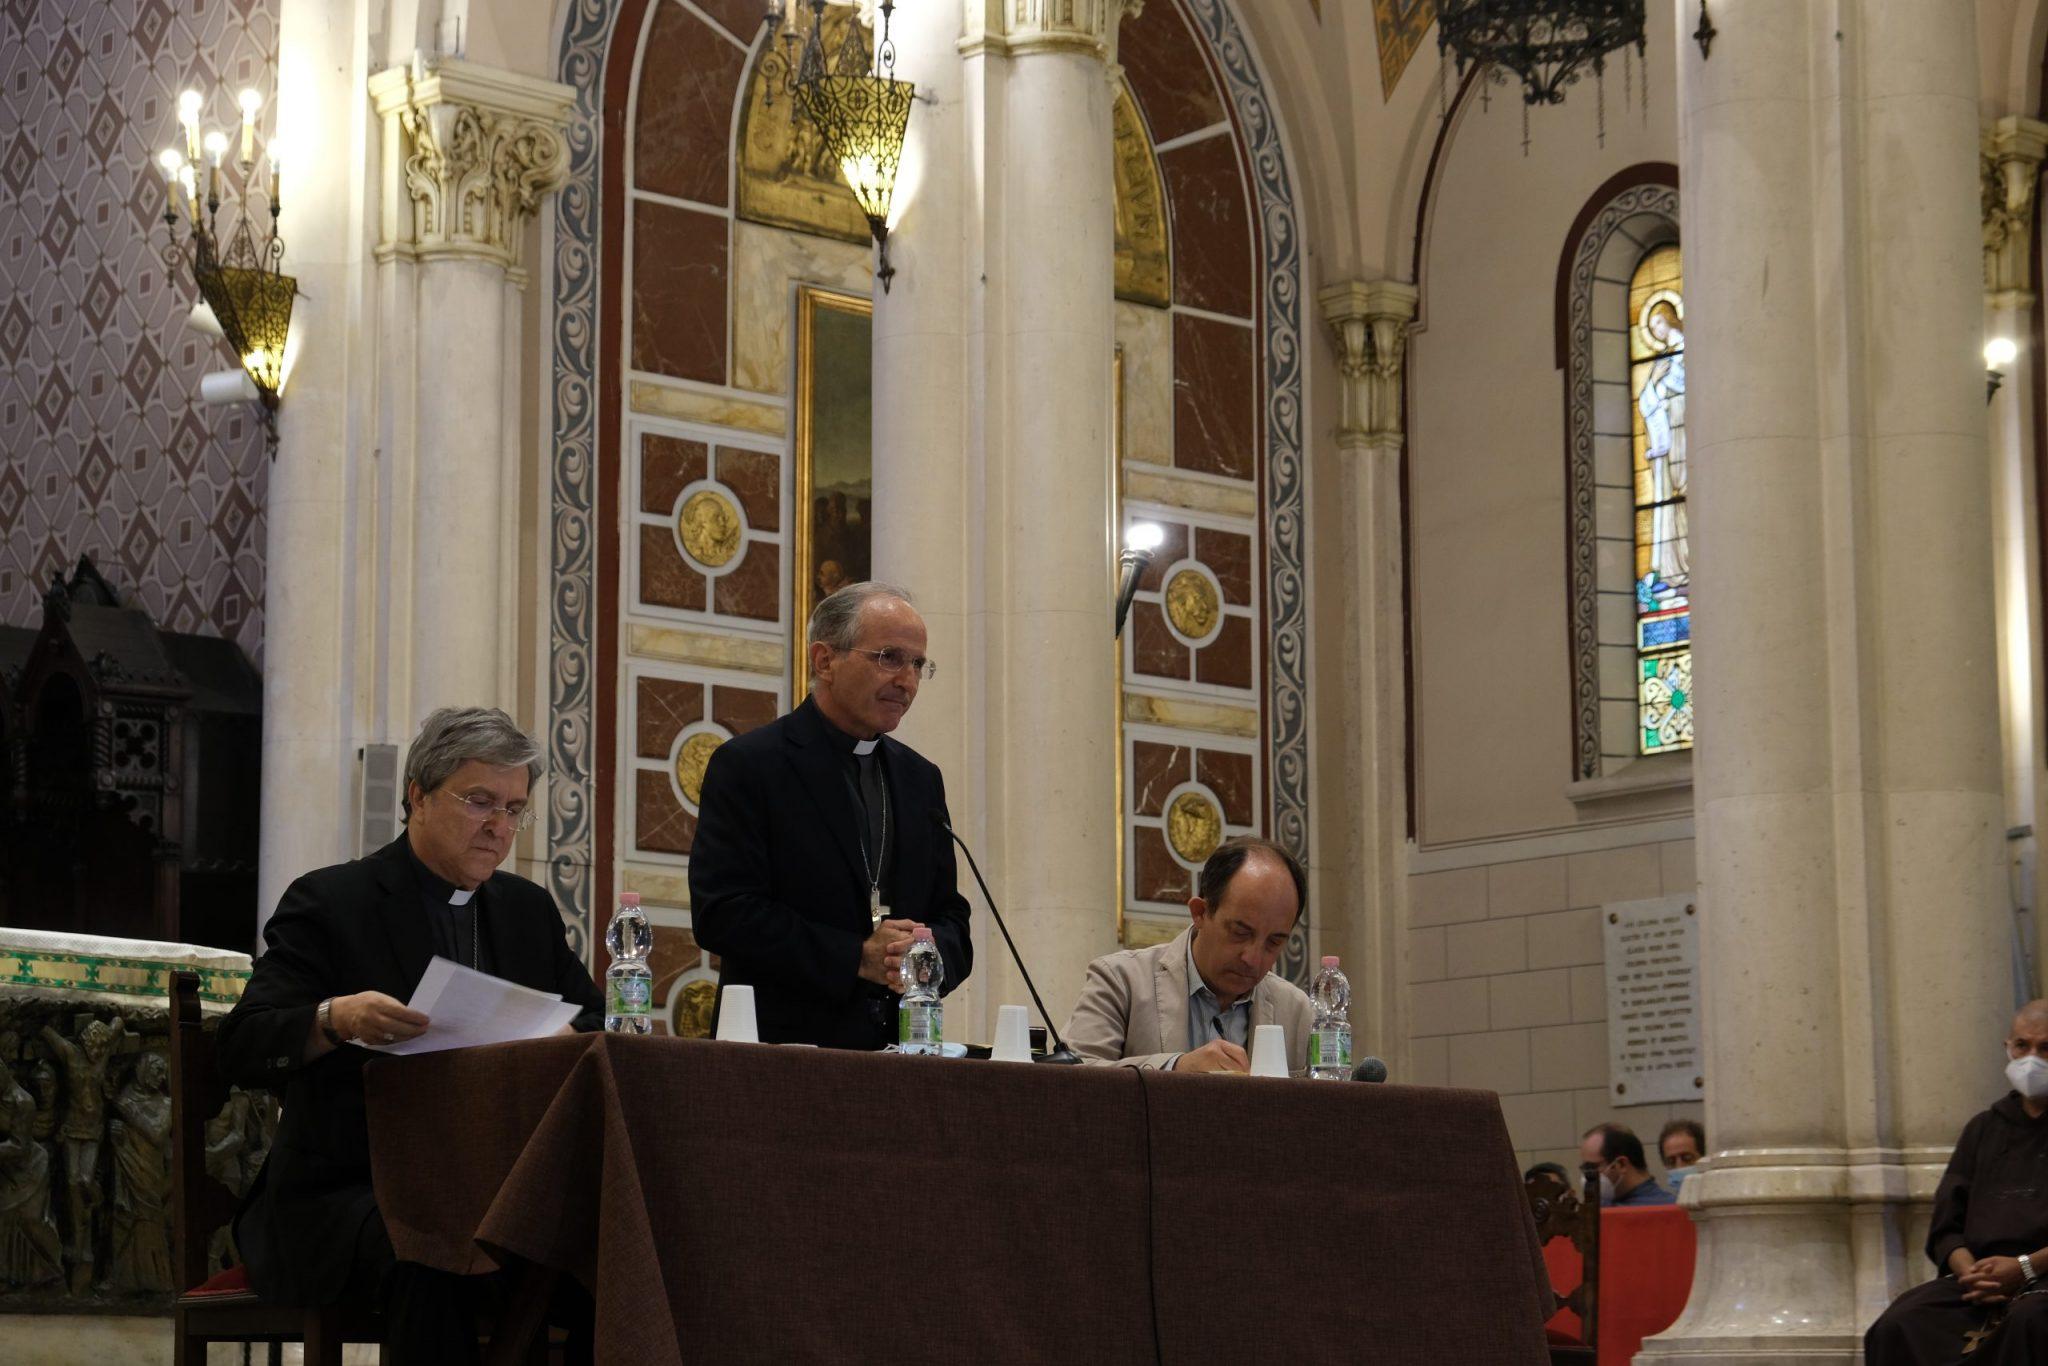 La Chiesa di Reggio Calabria ha celebrato la sua assemblea diocesana